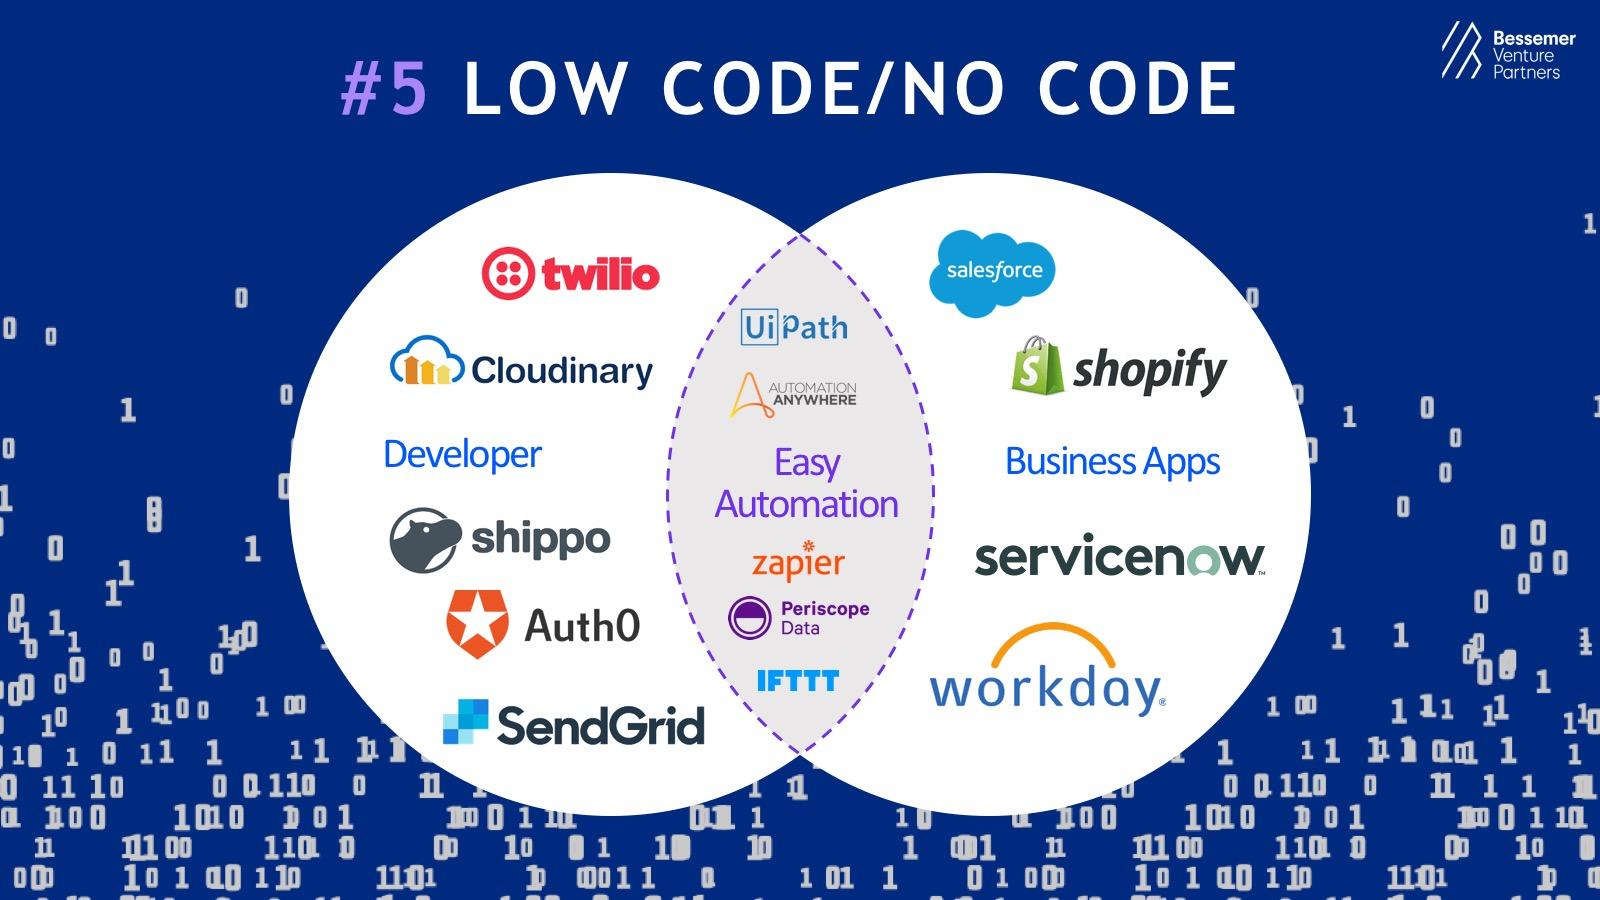 Prediction #5: Low code/no code